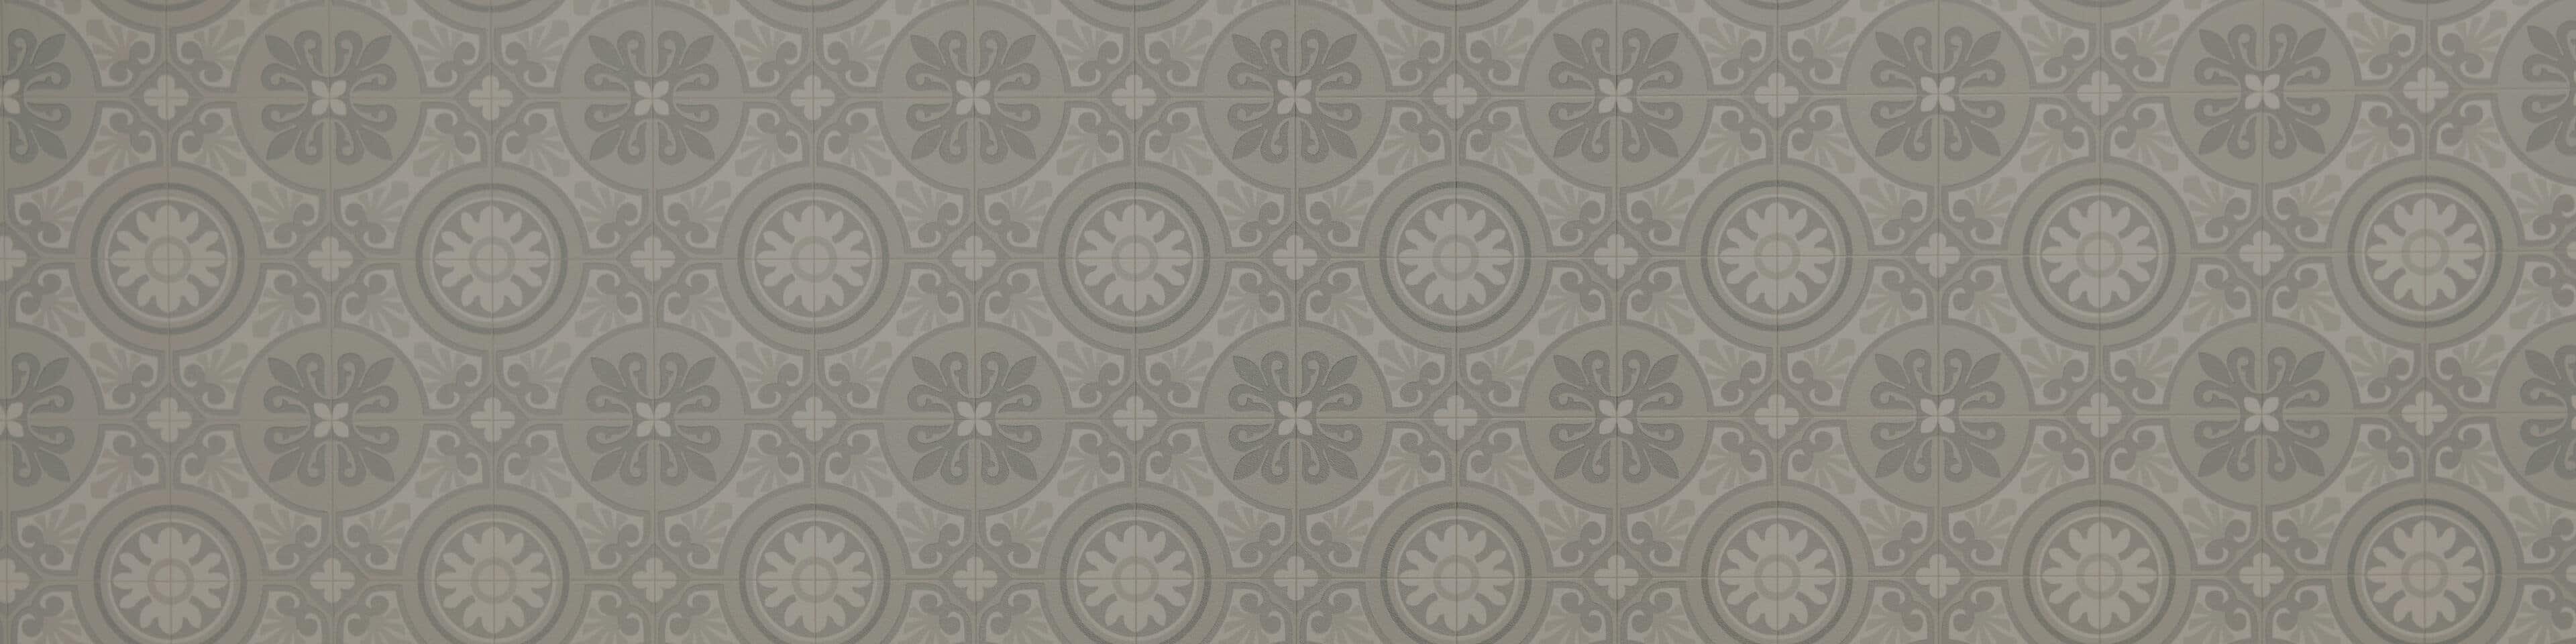 bandeau-vinyle-carreau-ciment